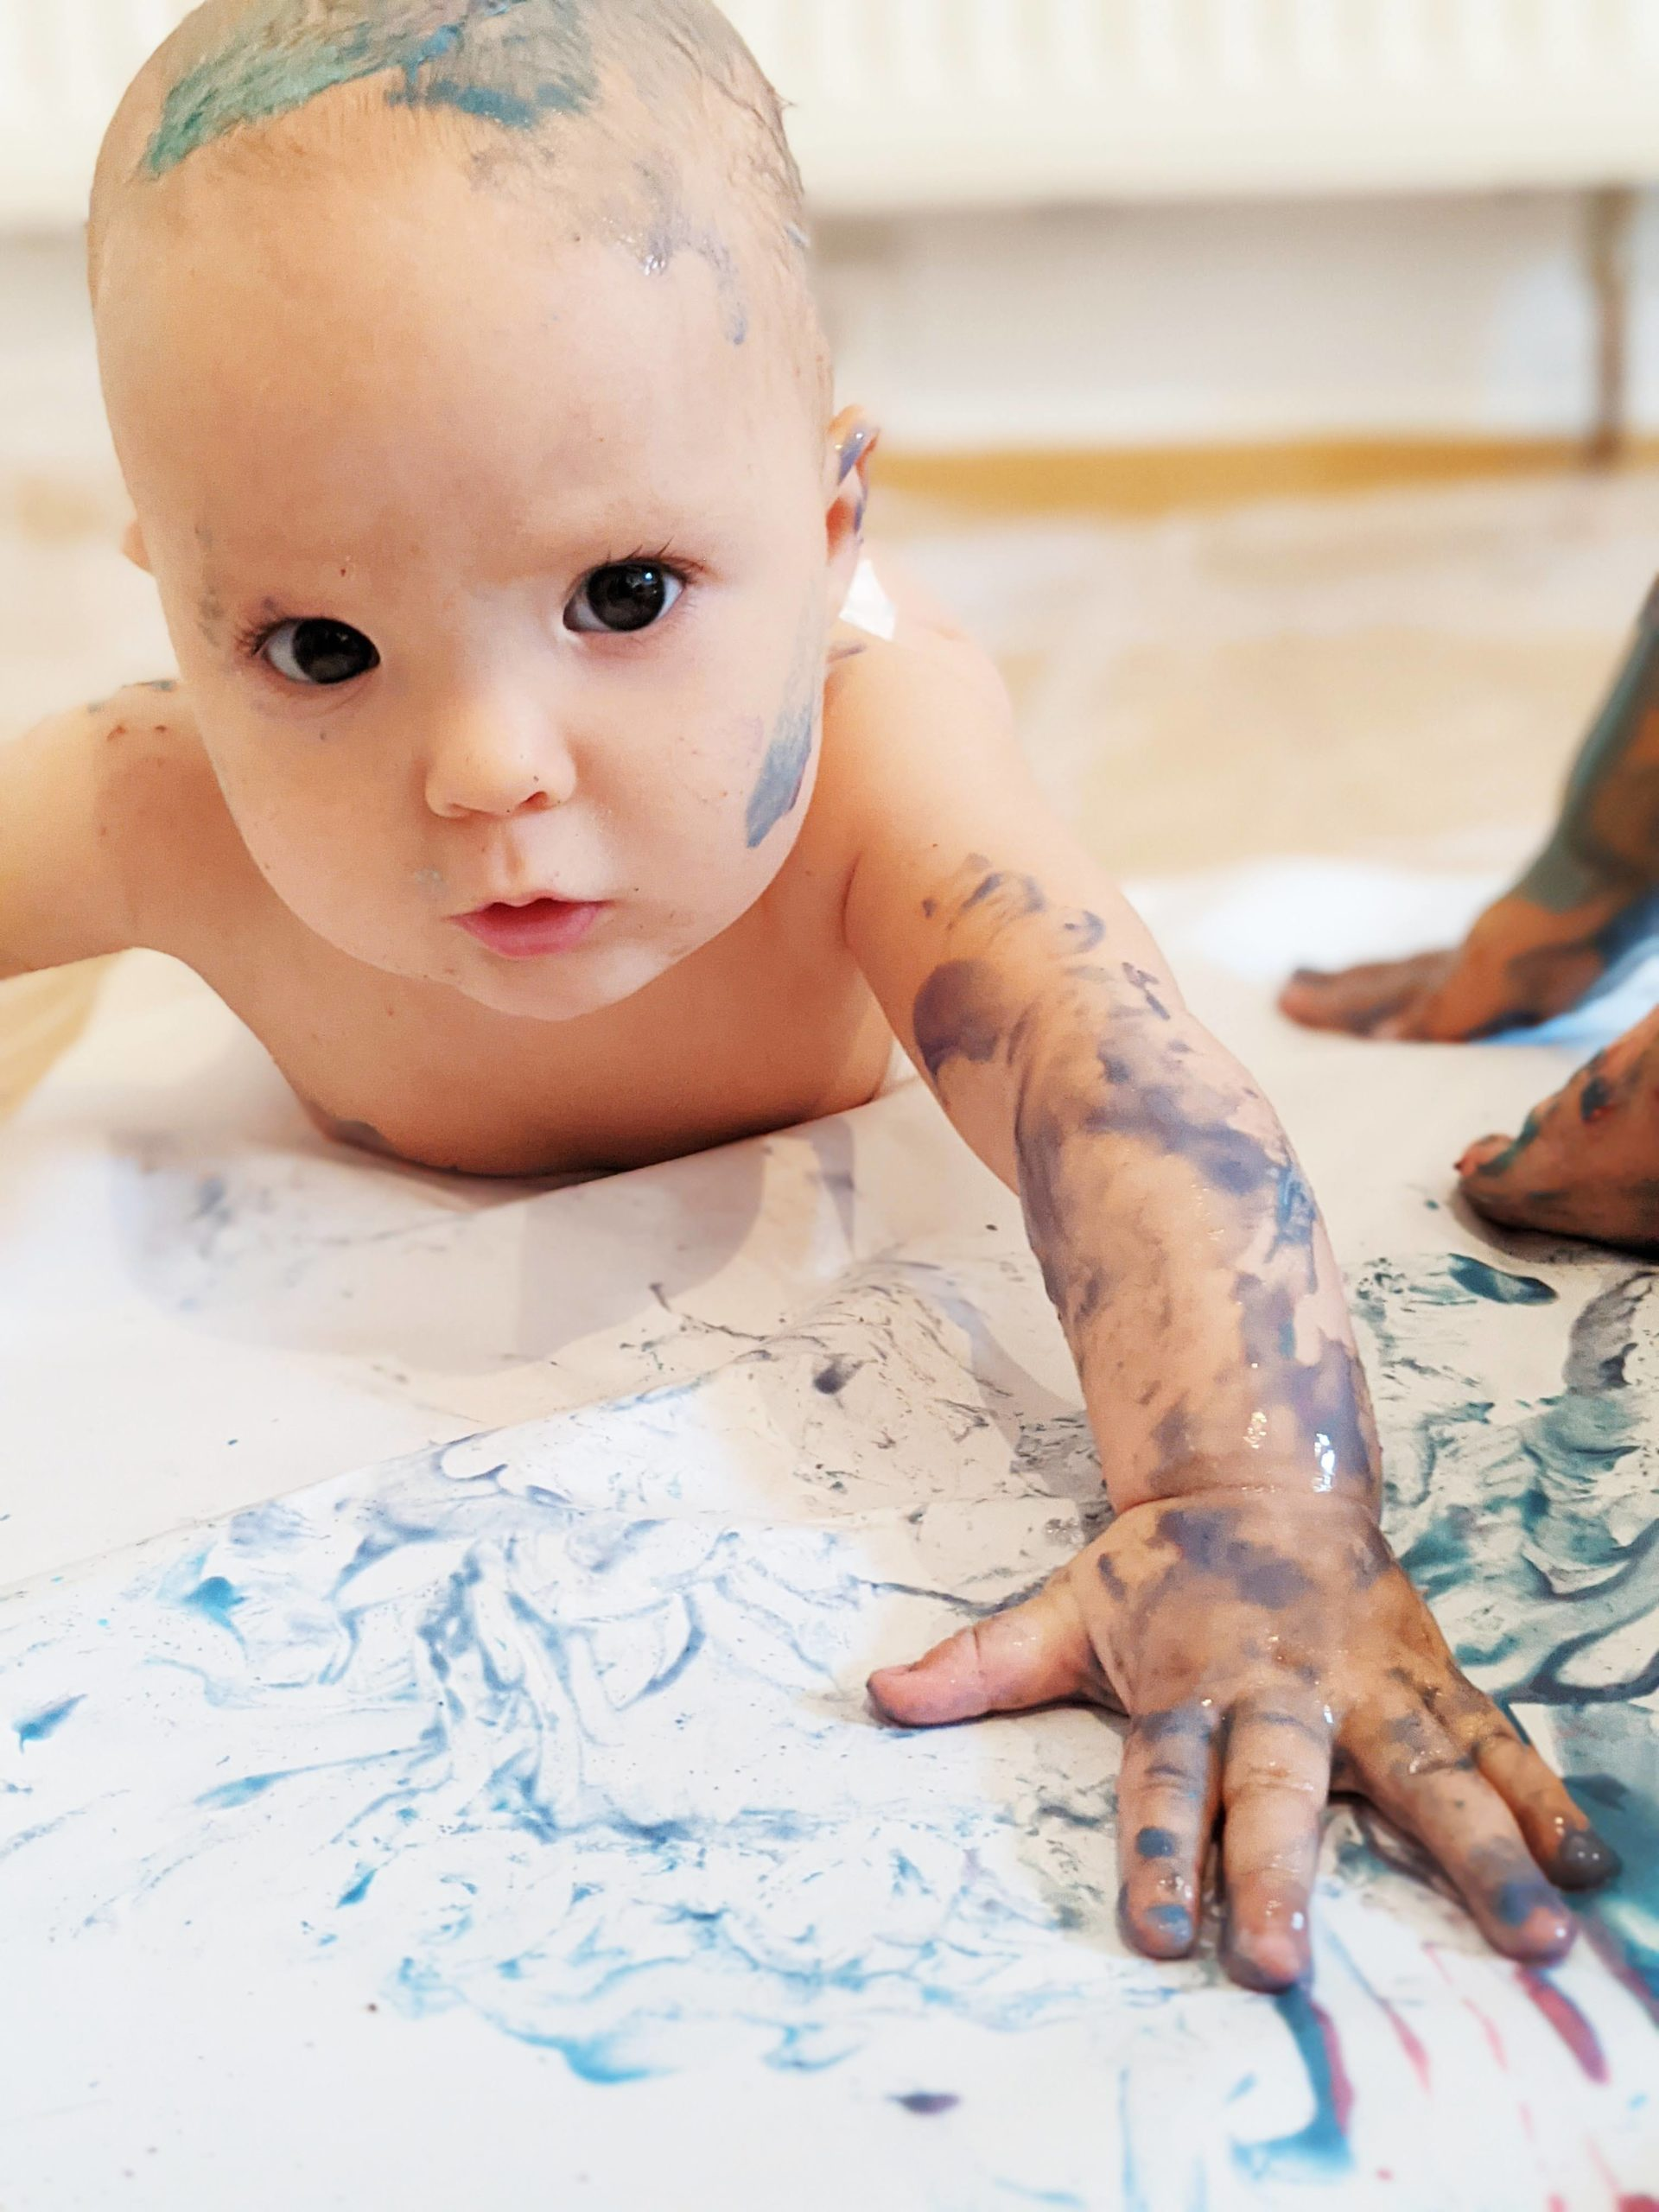 Le 19/06, atelier peinture bébé chez 123 SOLENE, 13001 – 9H30